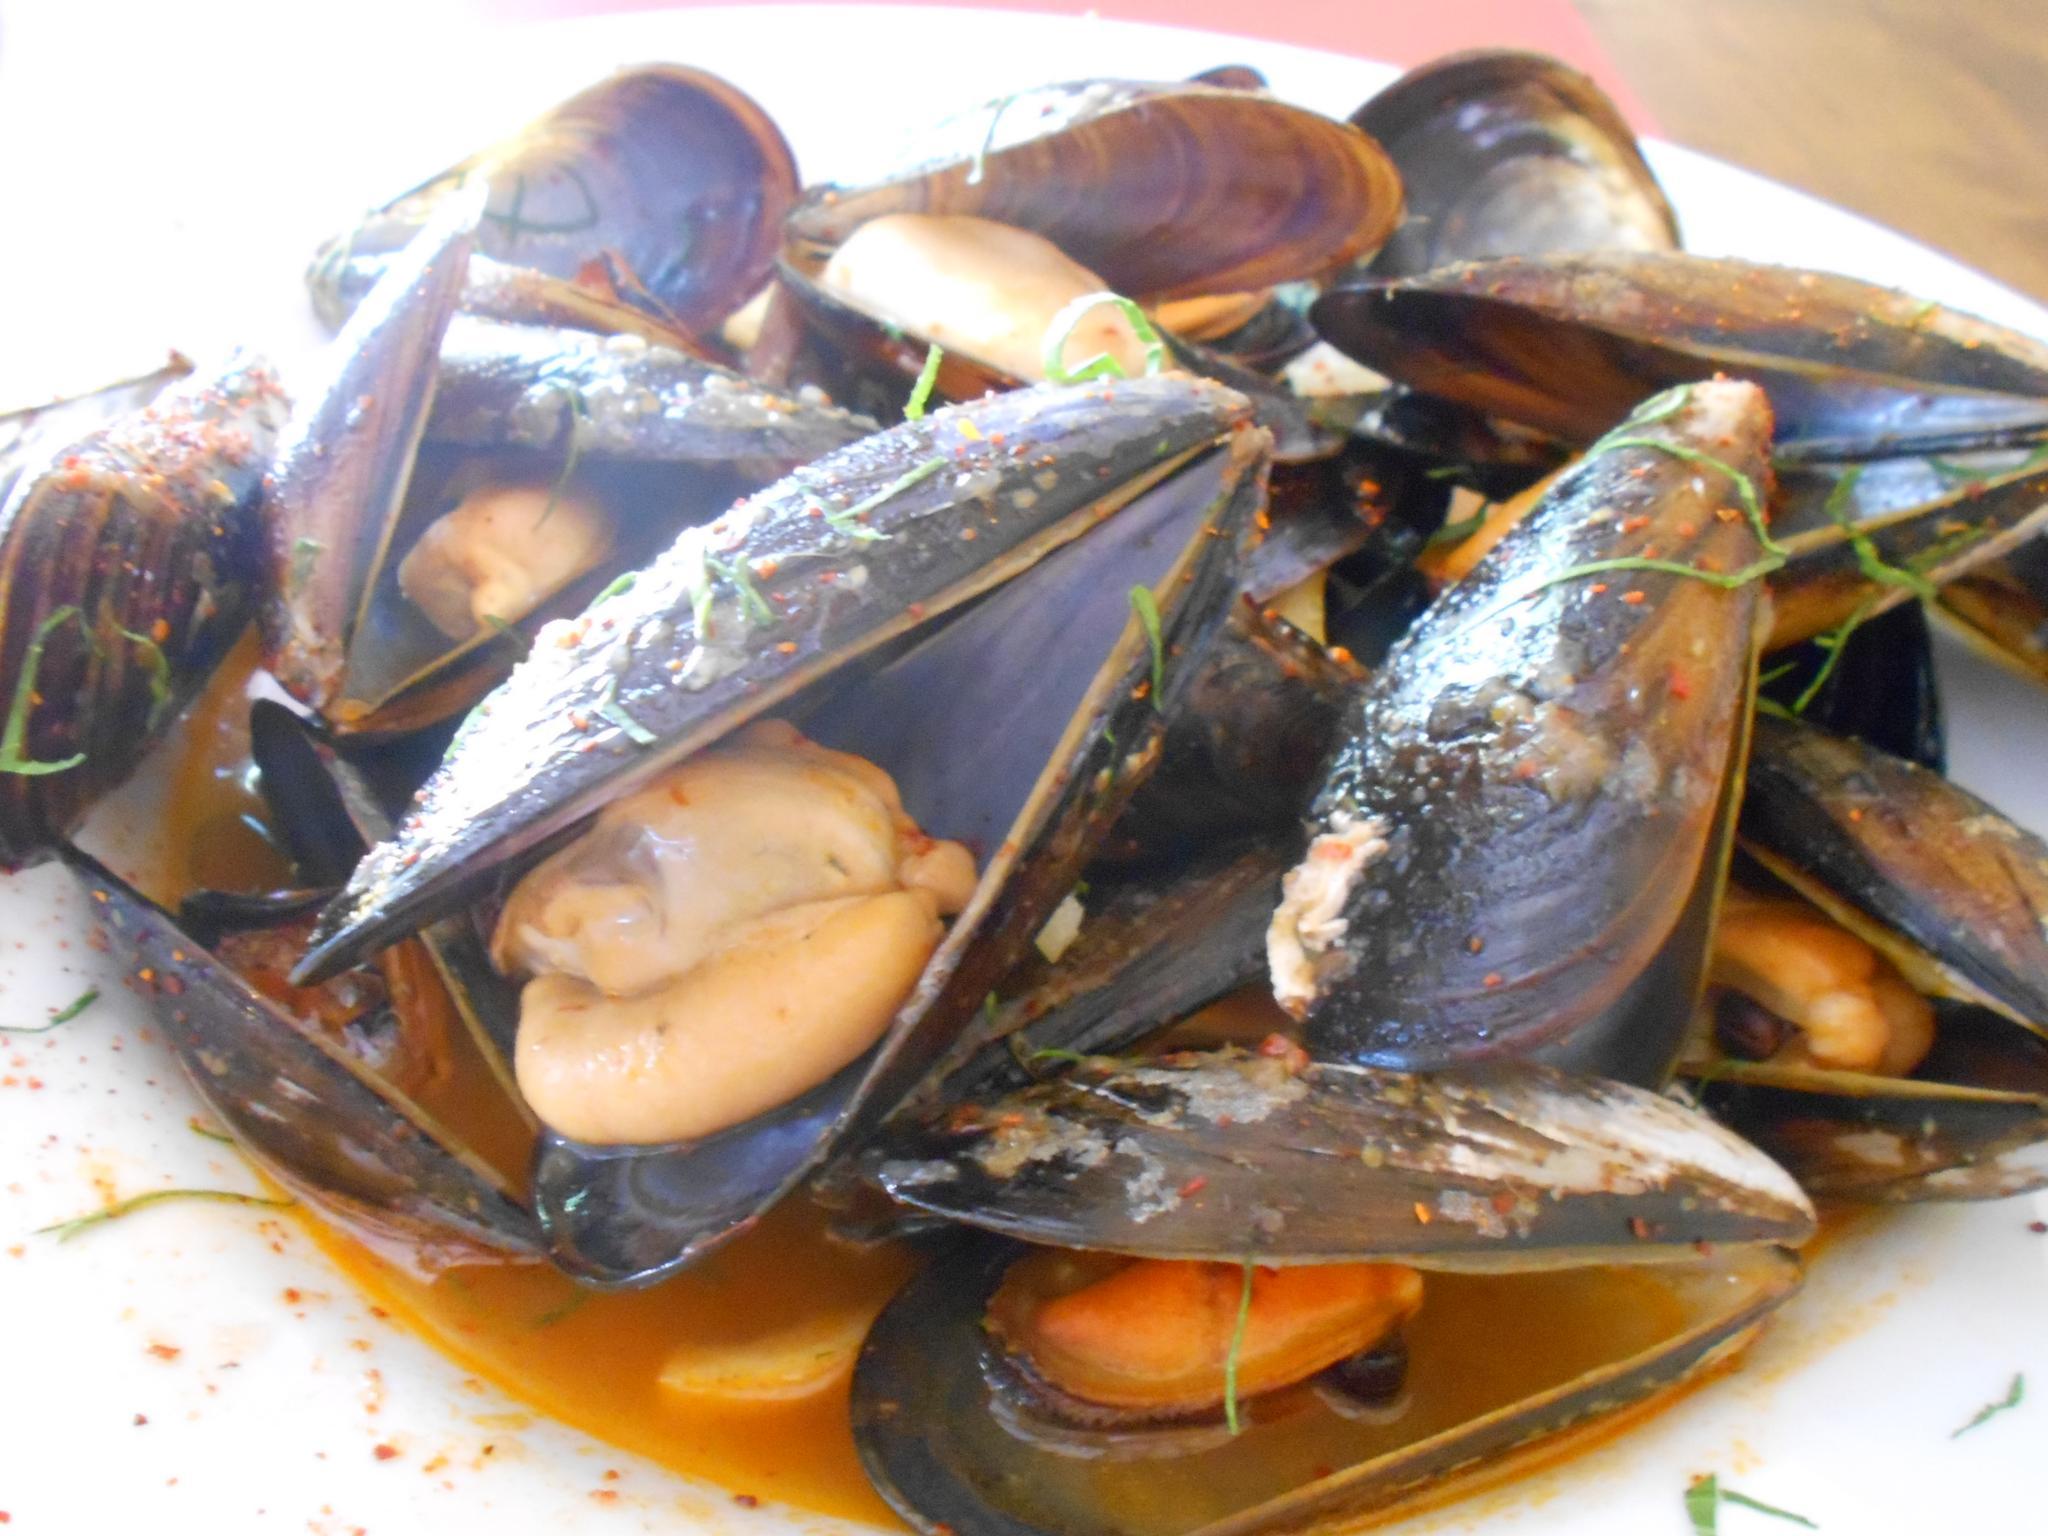 The mussels in txakoli white wine were delicious